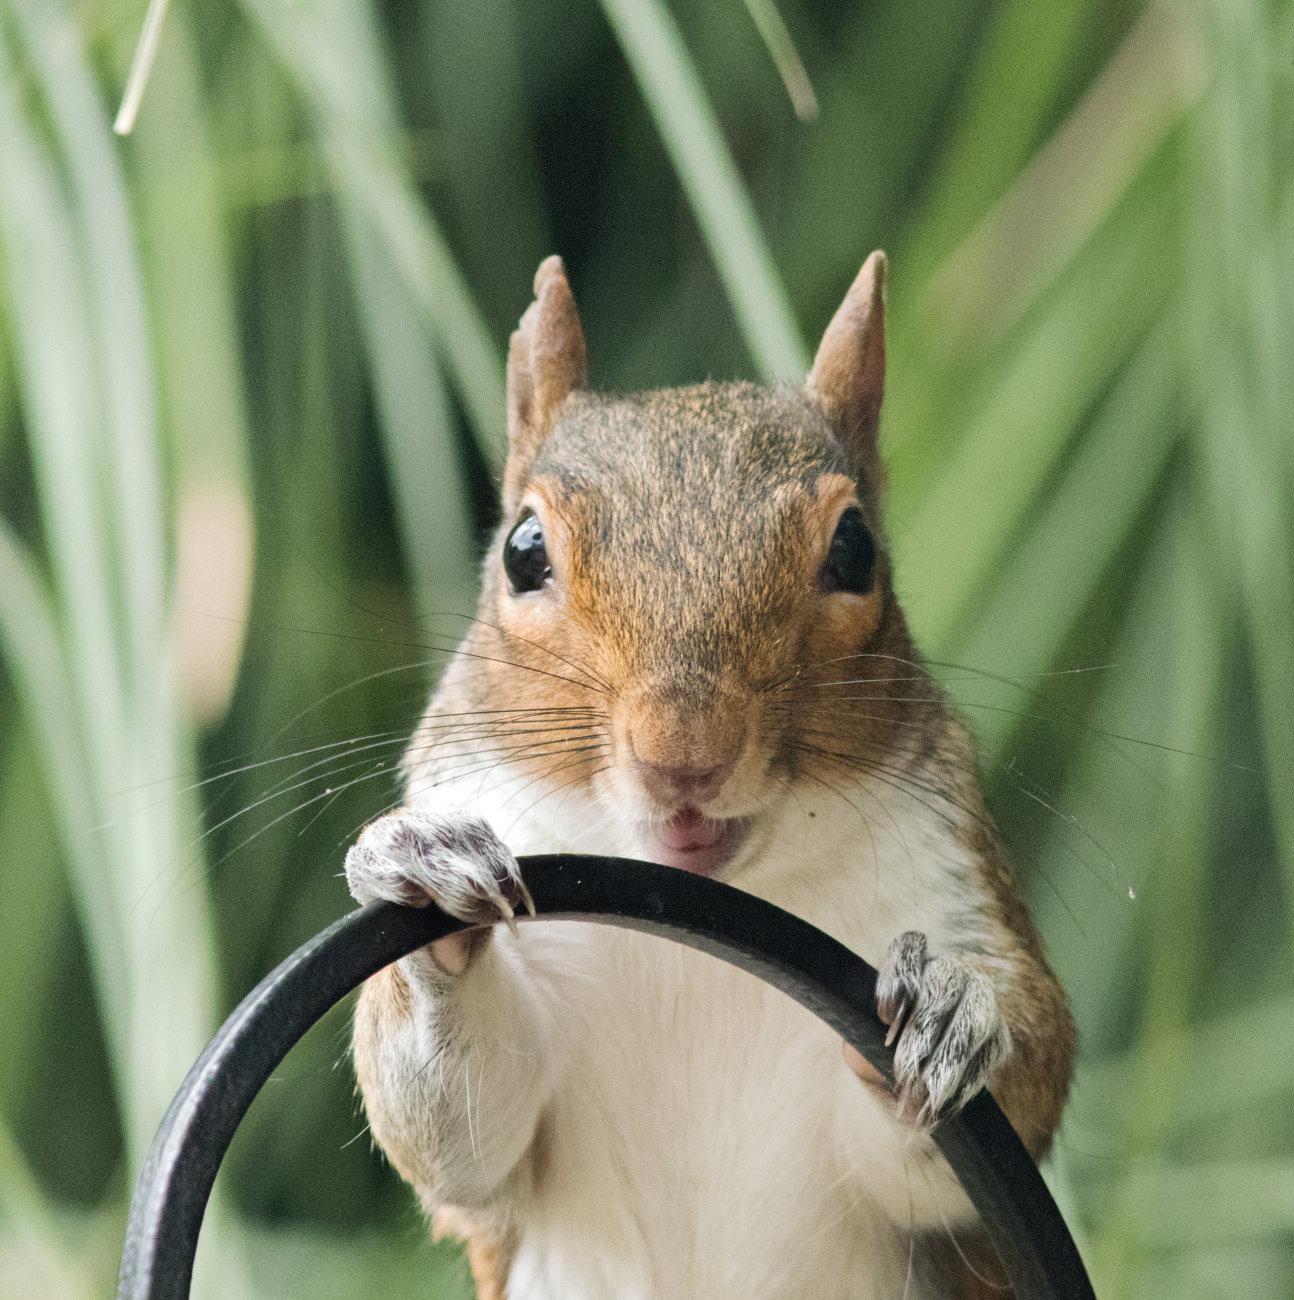 Mad or happy squirrel?